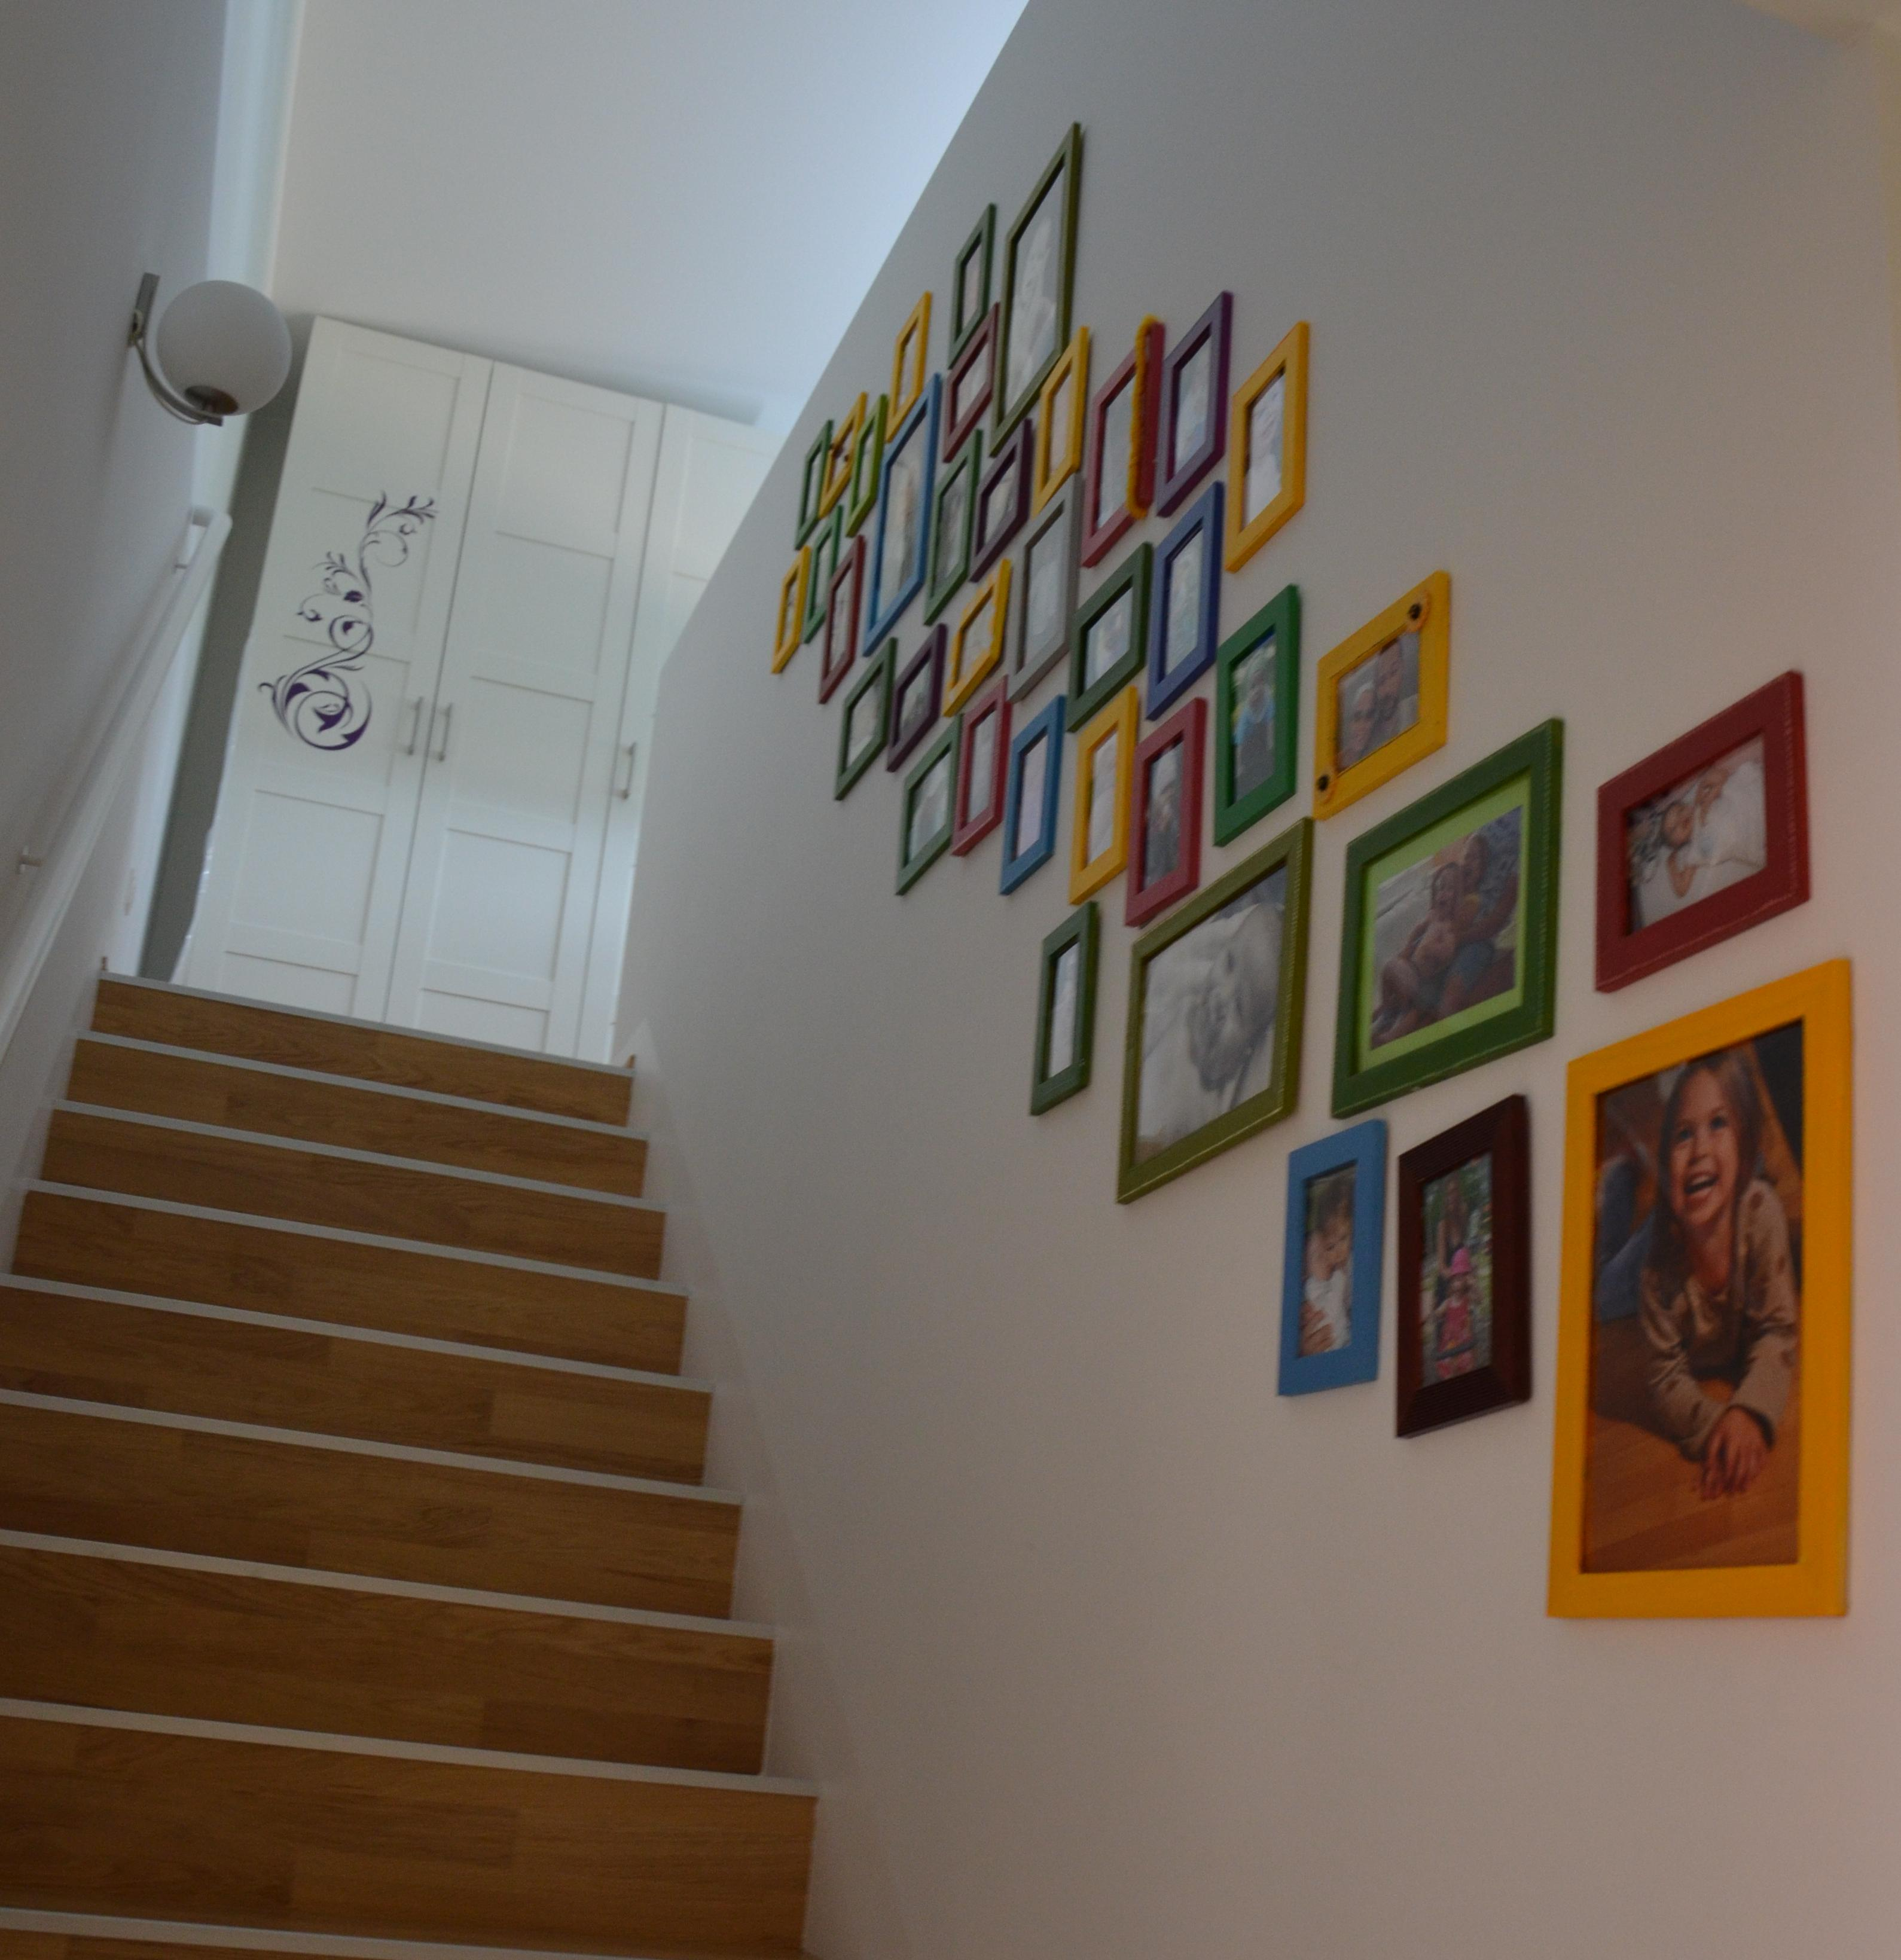 wie gestaltet man eine wand mit mustertapete codedojo for. Black Bedroom Furniture Sets. Home Design Ideas